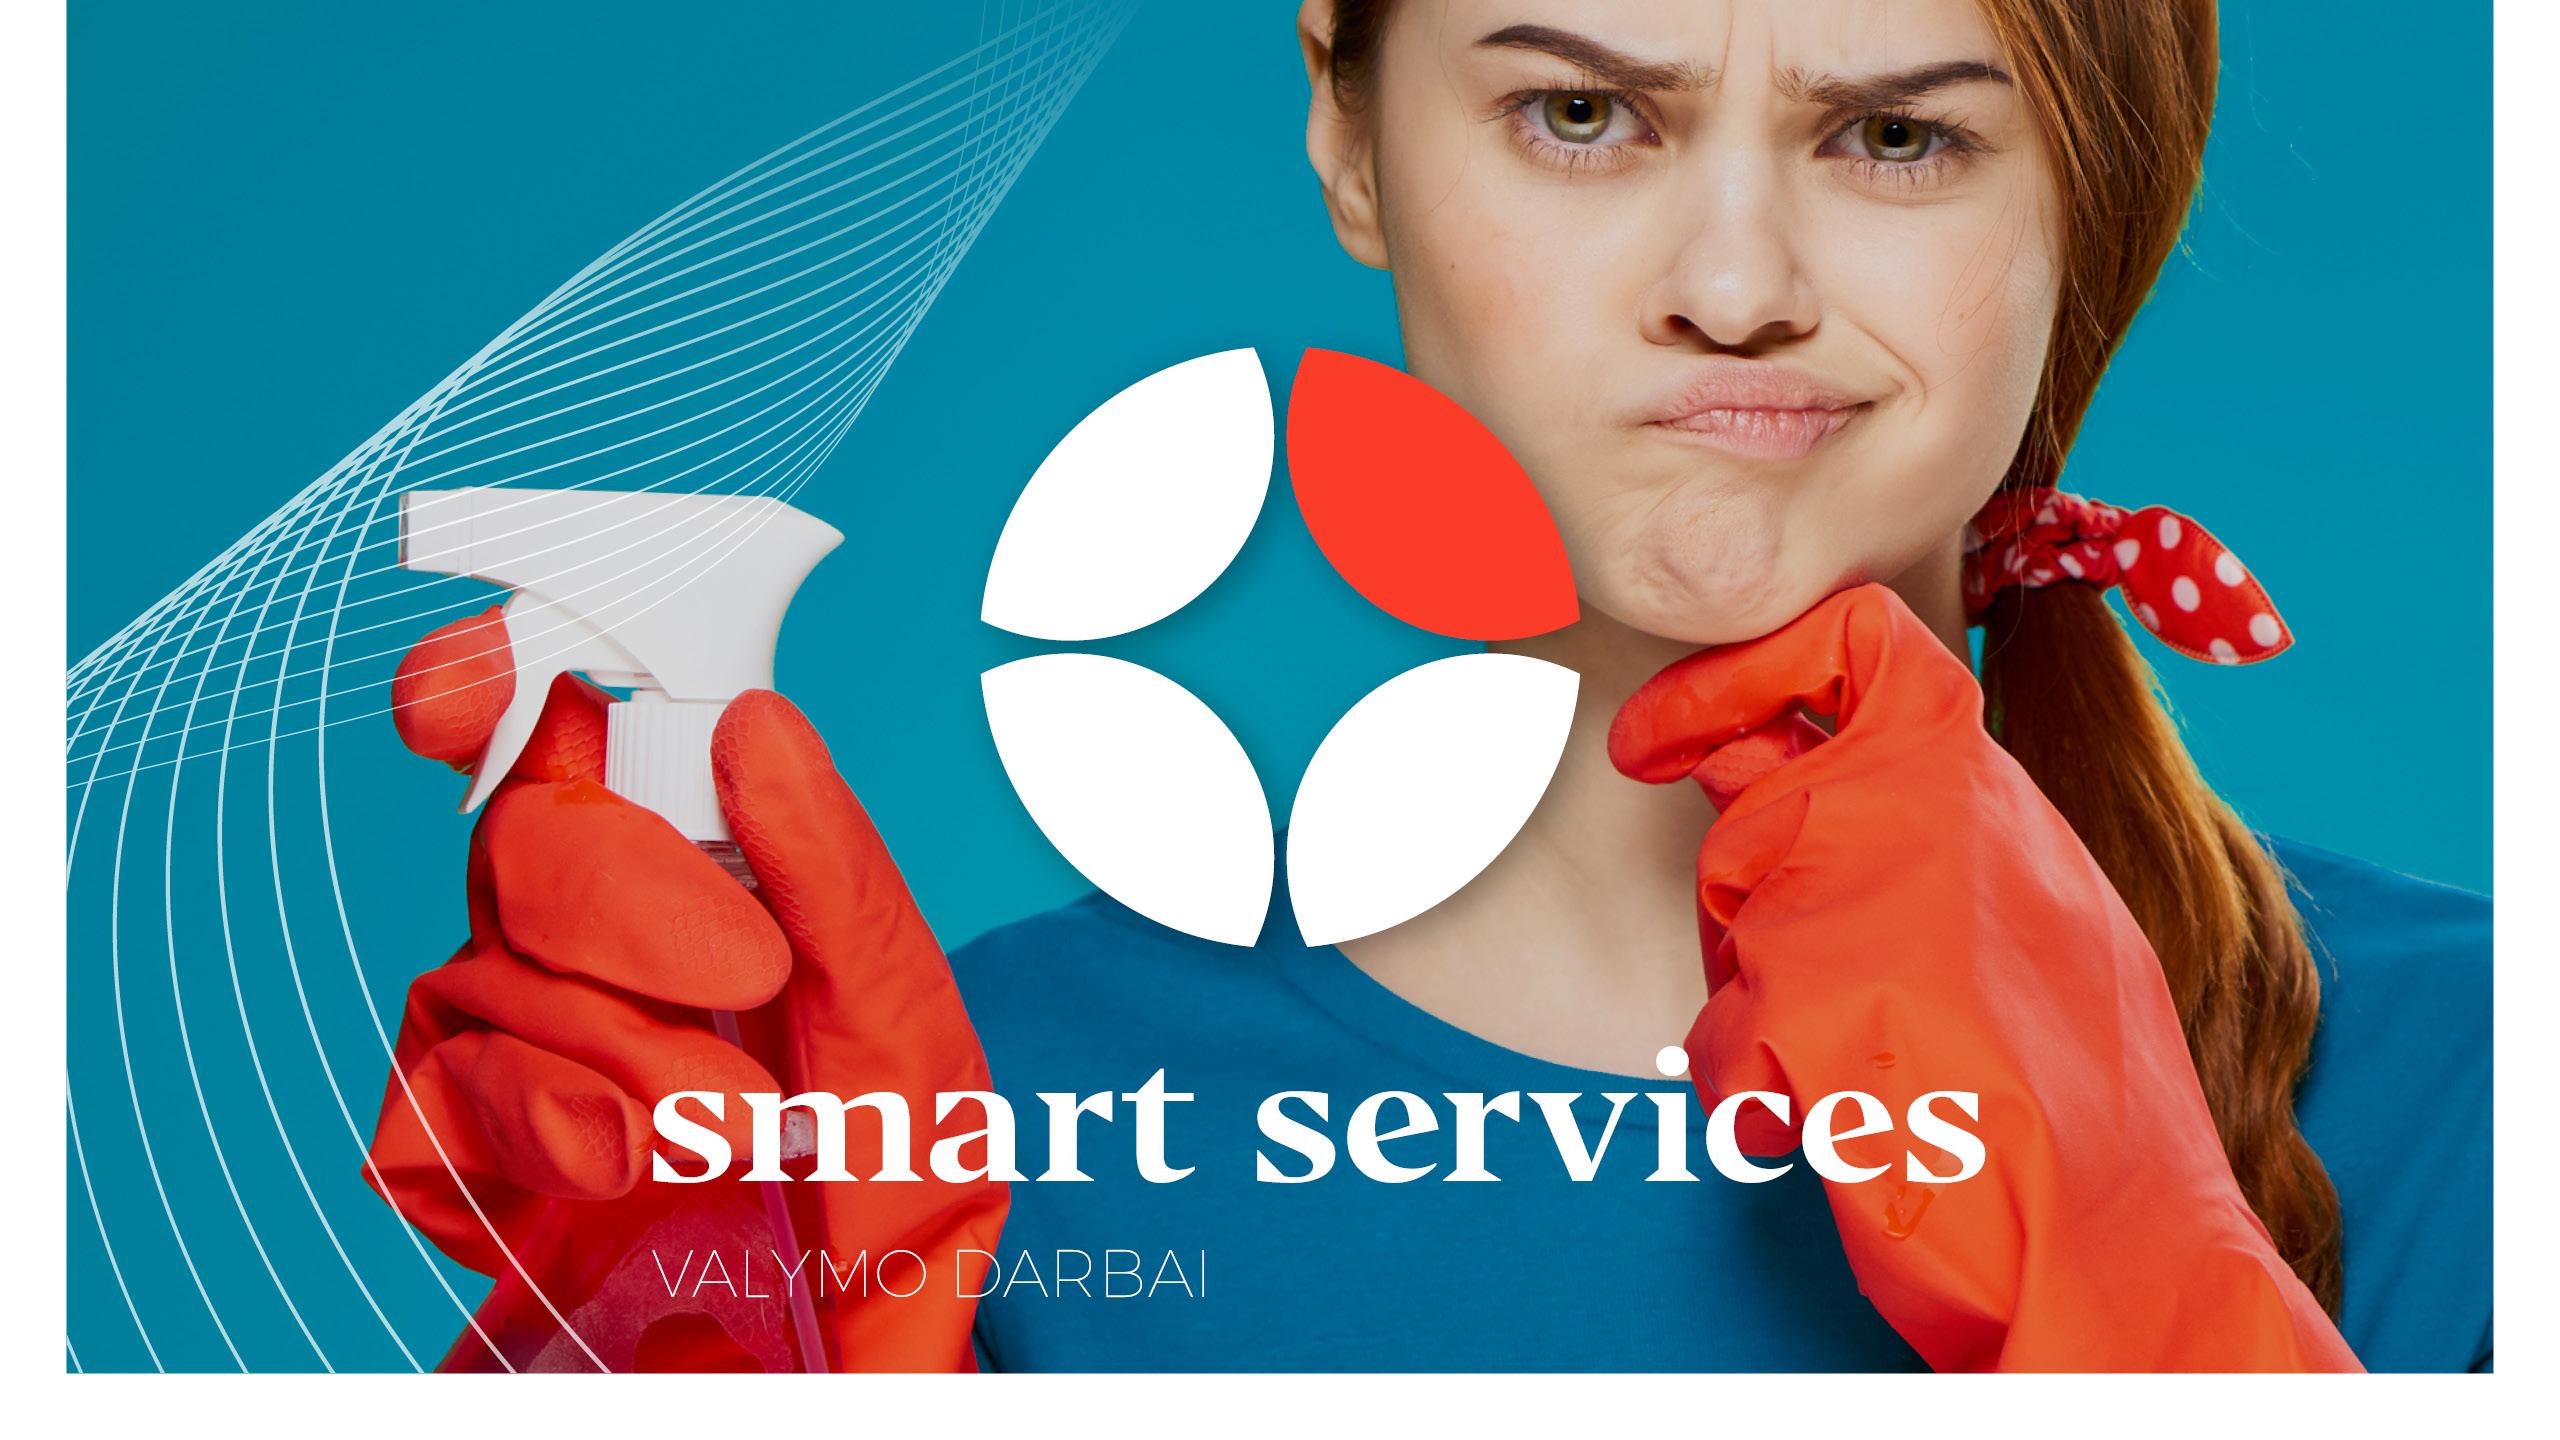 smart services baneris 2